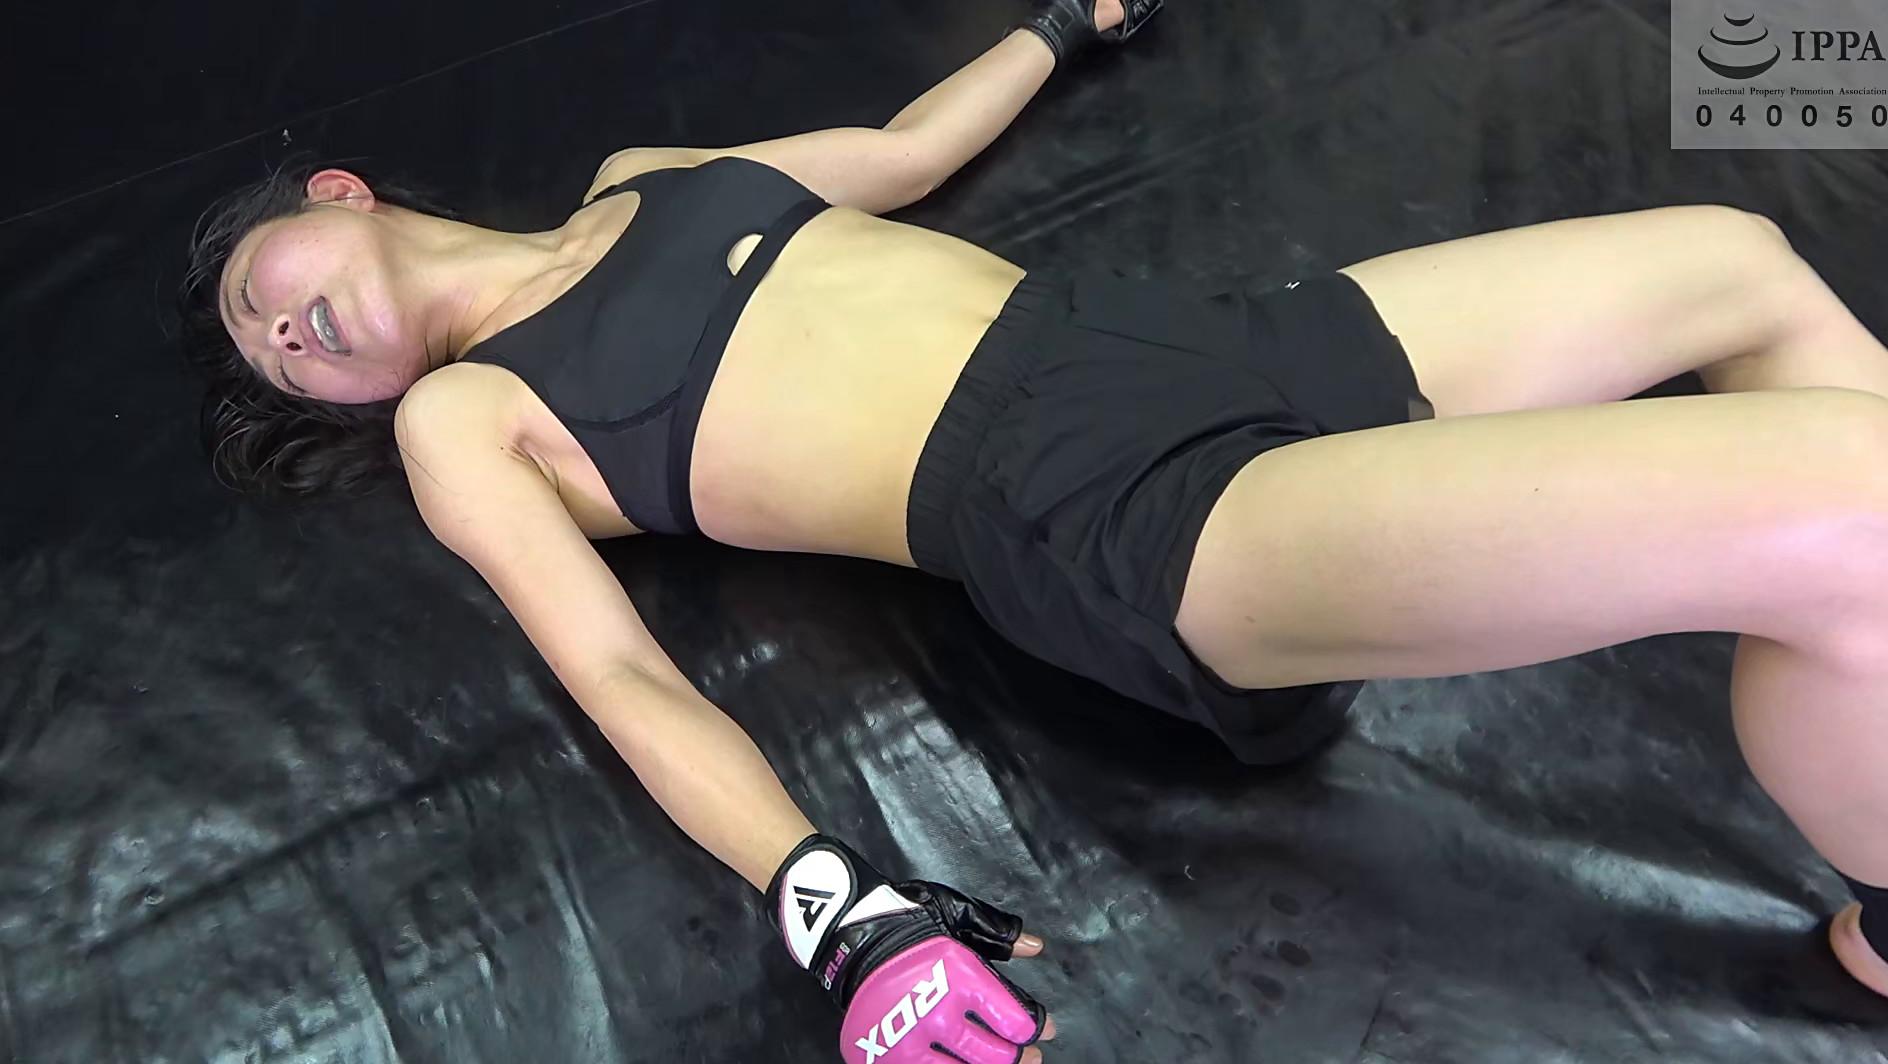 悶絶総合格闘技、キックボクシング003 神崎まゆみvs鮫島るい 画像4